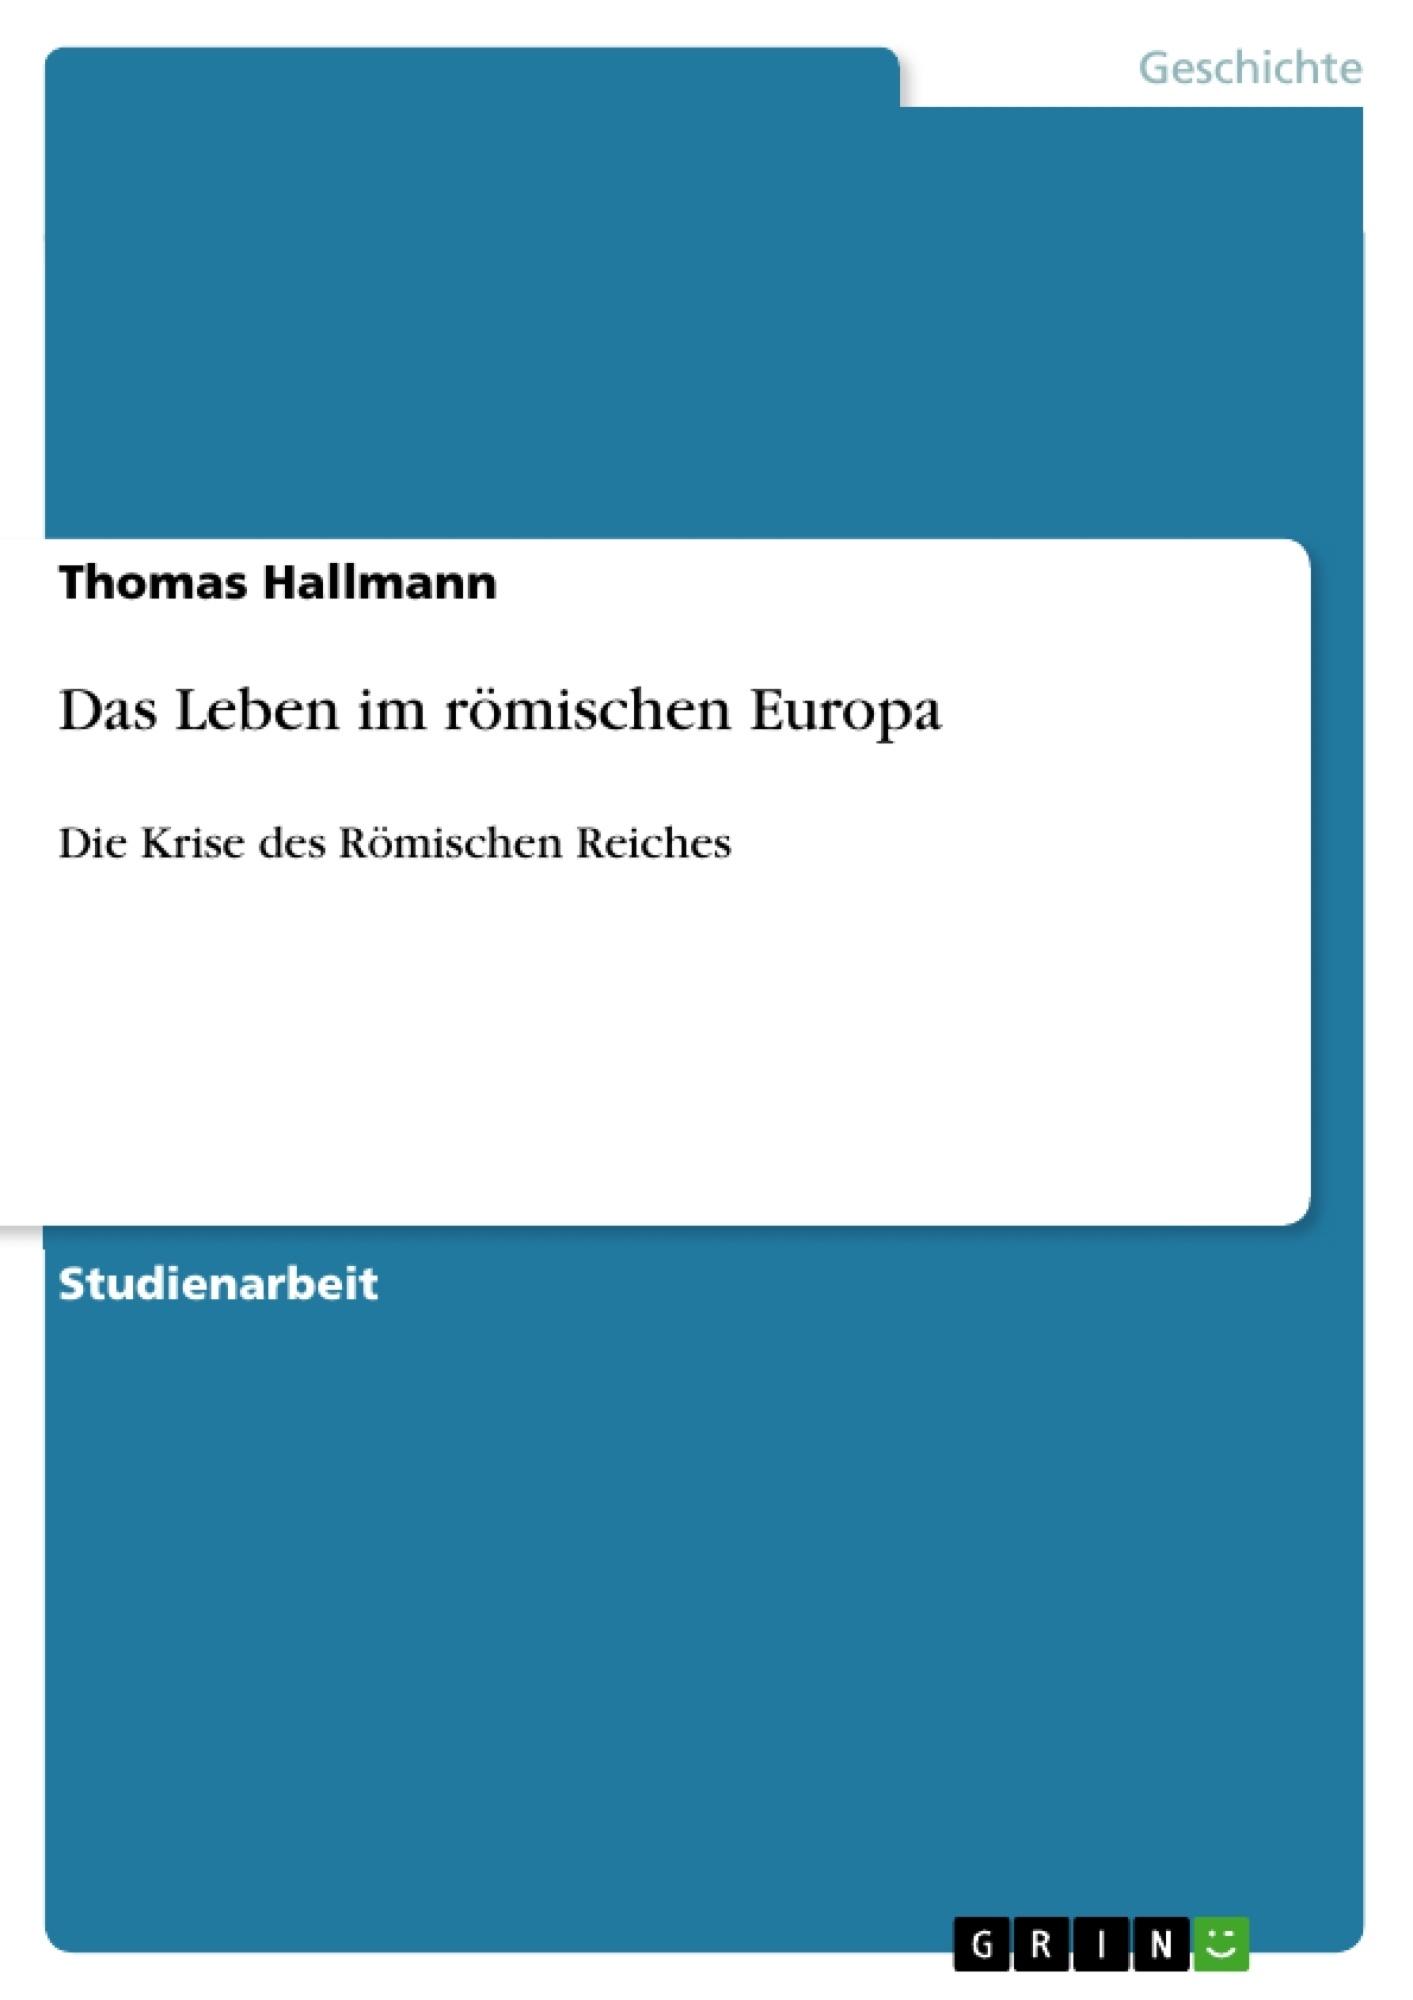 Titel: Das Leben im römischen Europa